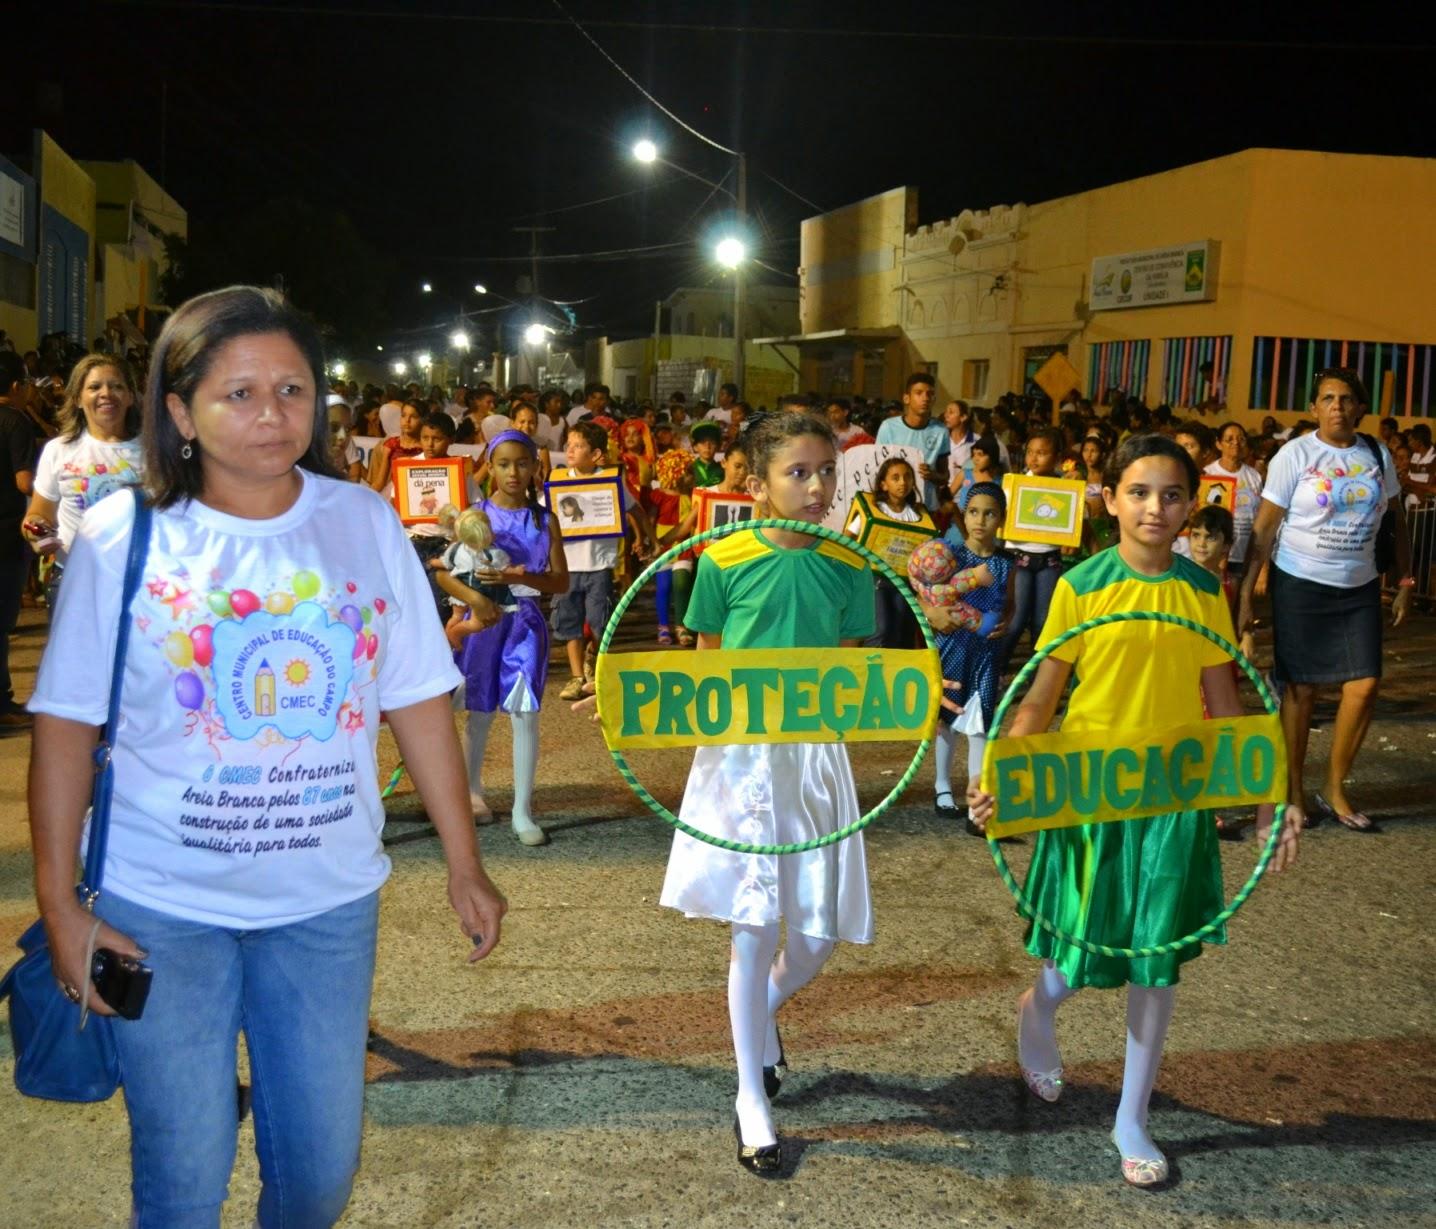 Desfile cívico é o ponto alto das comemorações do aniversário da cidade (Foto: Arquivo/Erivan Silva)